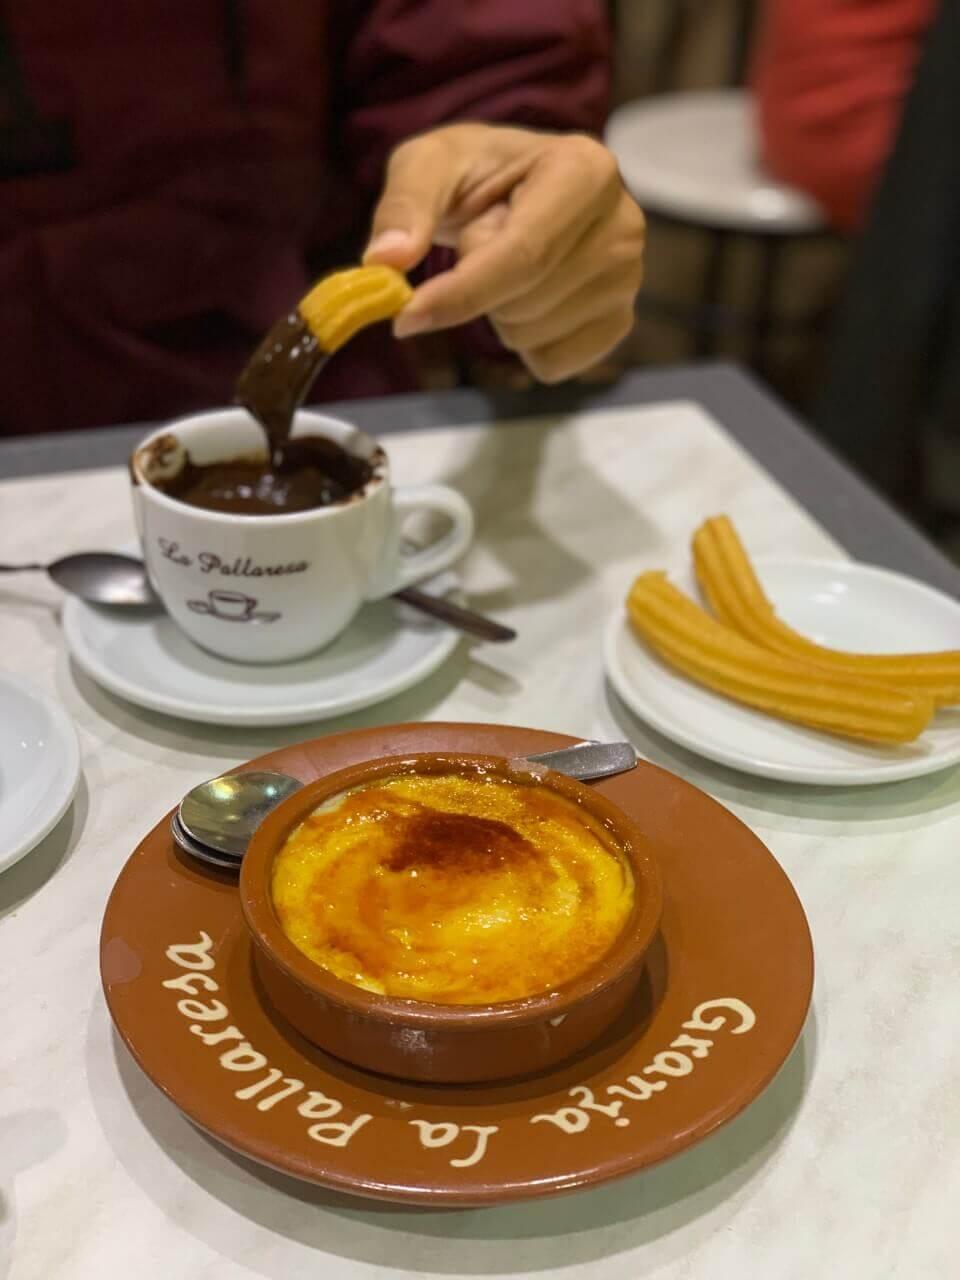 【巴塞隆納美食推薦】必吃Tapas、Paella,8家巴塞隆納平價餐廳整理 1